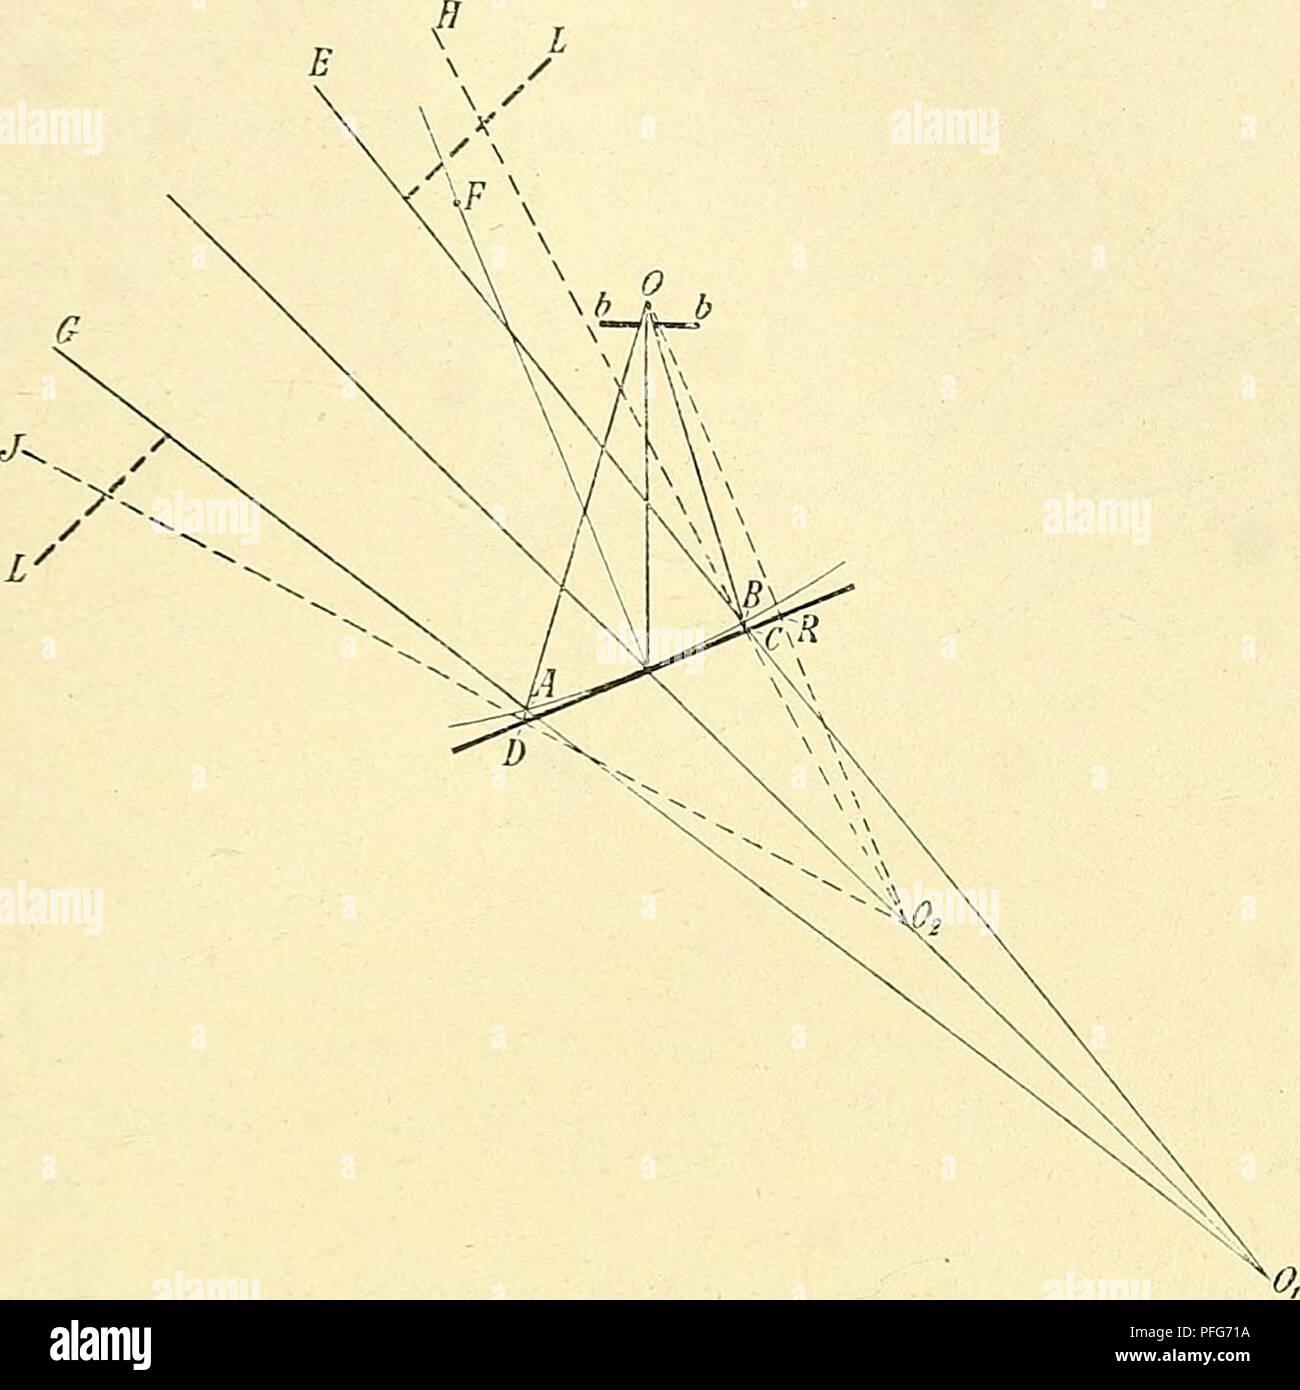 . Das Mikroskop. Ein Leitfaden der wissenschaftlichen Mikroskopie. Microscopy; Microscopes. 93 als die Brennweite. Nehmen wir nun aber z. B. einmal an, class sich der Brennpunkt des Hohlspiegels (Fig. (39) in F befindet, so würde nach § 128 der durch den Hohlspiegel von dem Punkte 0 entworfene Bild-. Fig- 69. punkt in Ox liegen und somit bedeutend mehr von der Spiegelfläche entfernt sein, als der von dem Planspiegel entworfene Bildpunkt 02. Aus dieser Lage der dem Objectpunkt zugeordneten Punkte folgt nun unmittelbar, dass der von dem Diaphragma bb gestattete Oeffnungs- winkel A 0 B bei Anwend - Stock Image